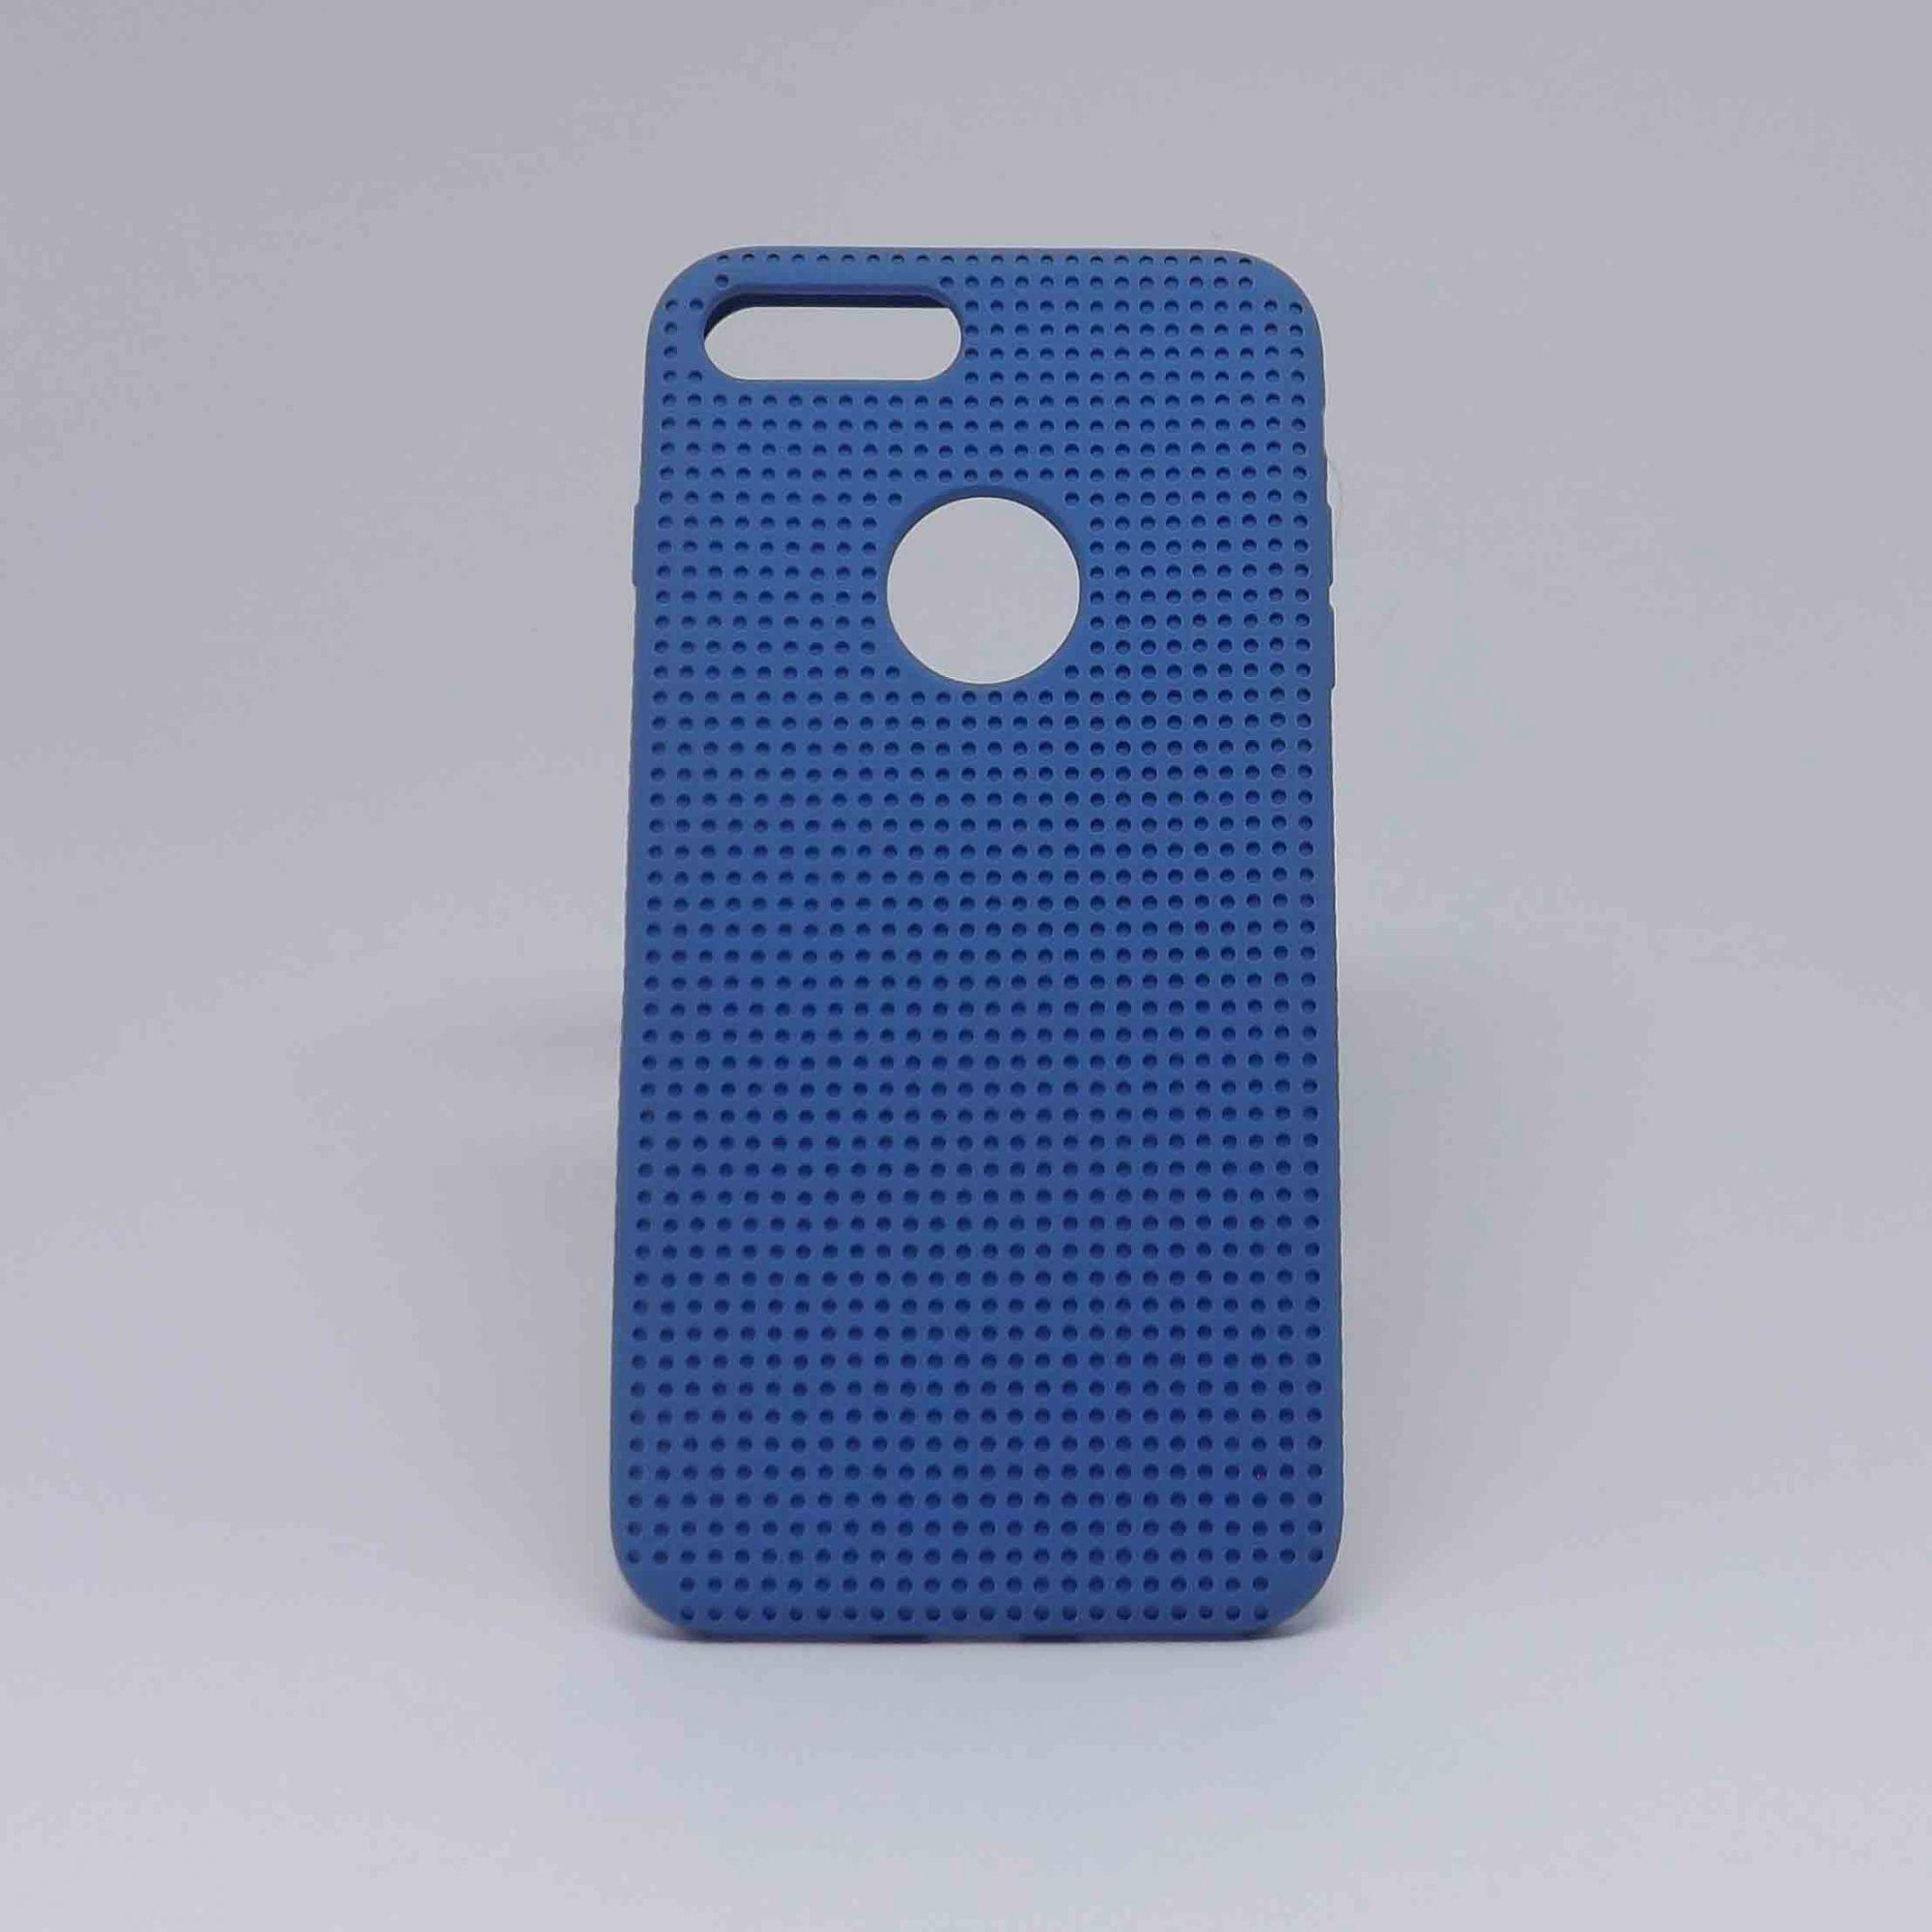 Capa iPhone 7/8 Plus Borracha com Furinhos